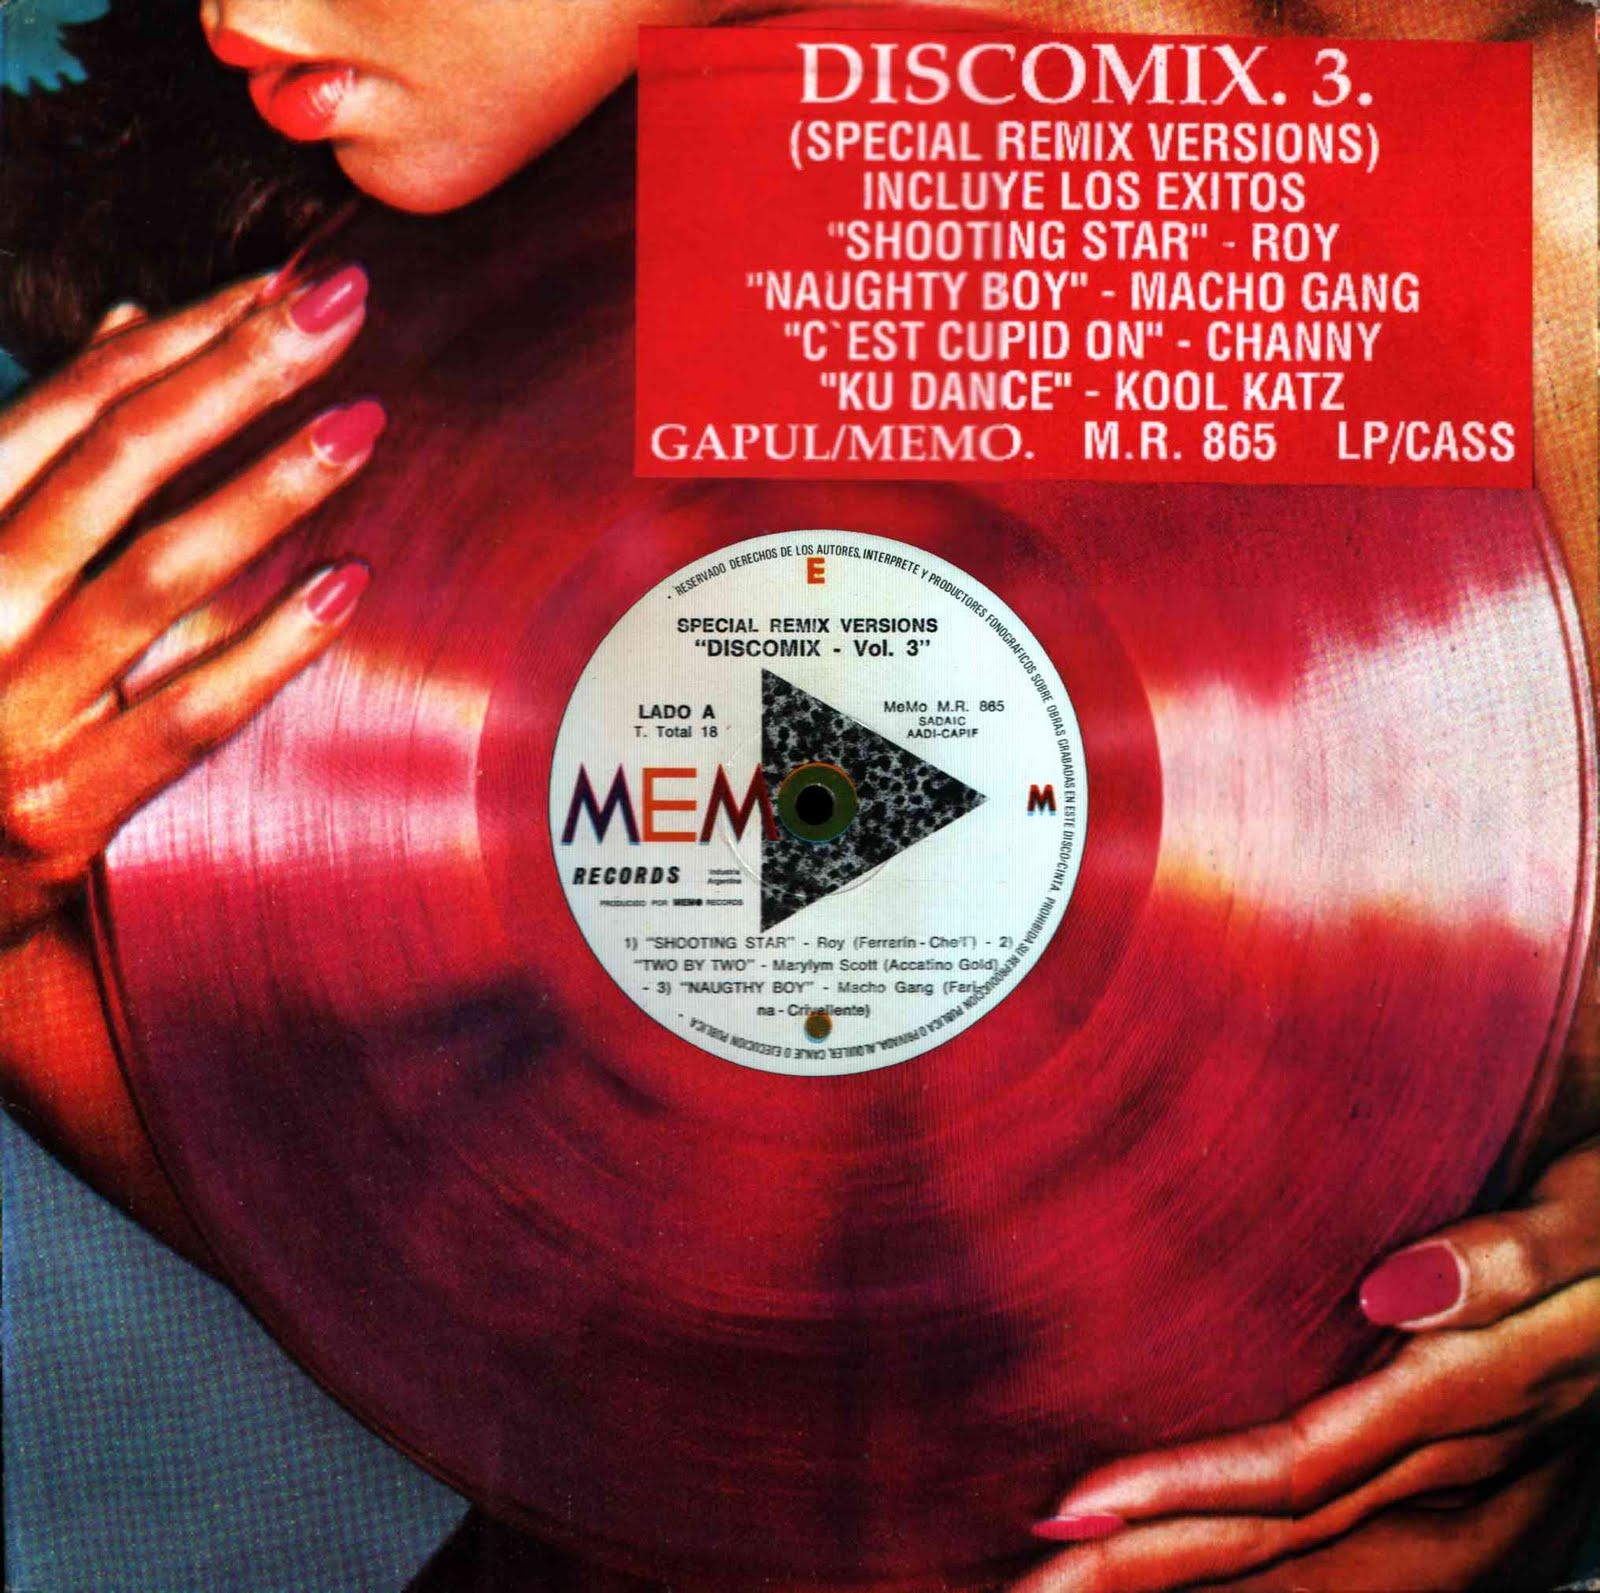 GApul Discografia: Discomix Vol 3 (Memo Records)